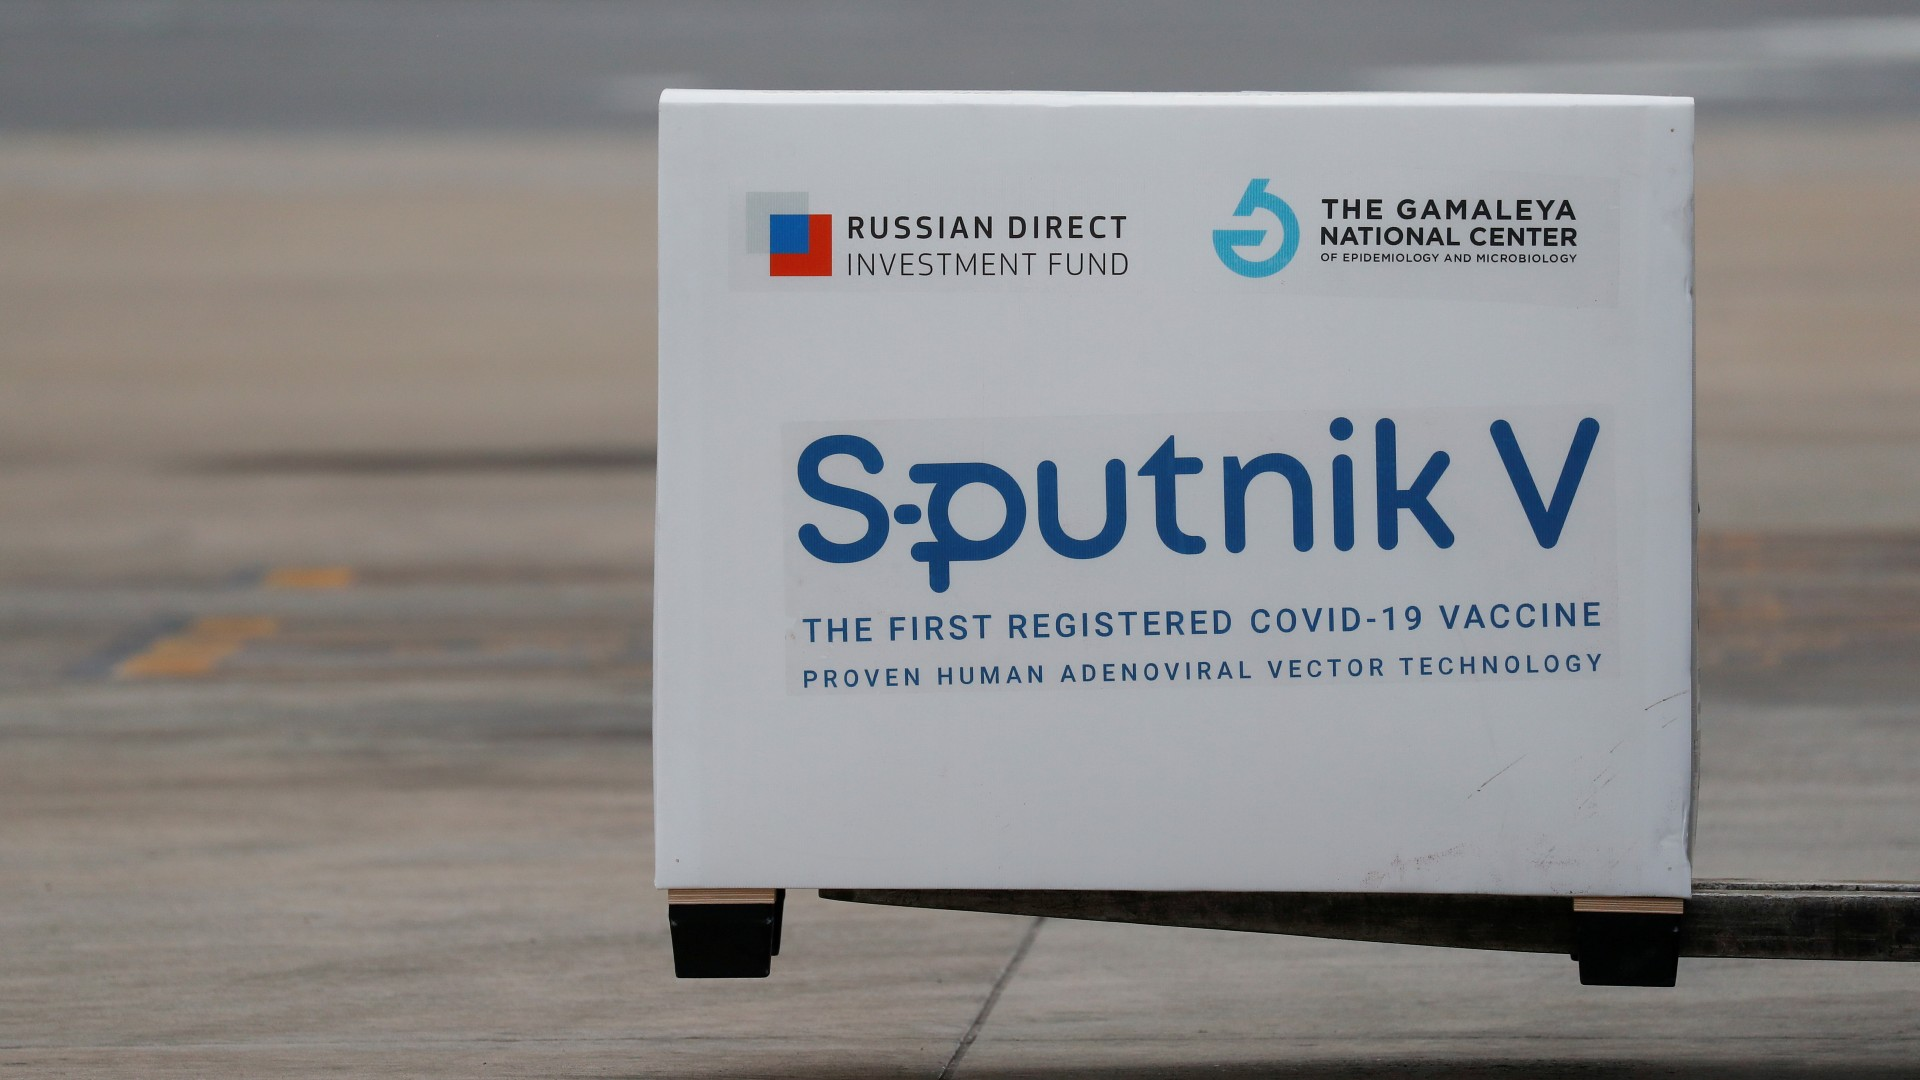 invistaja.info - Inspeção da Anvisa em fábrica da vacina Sputnik V é adiada a pedido da Rússia